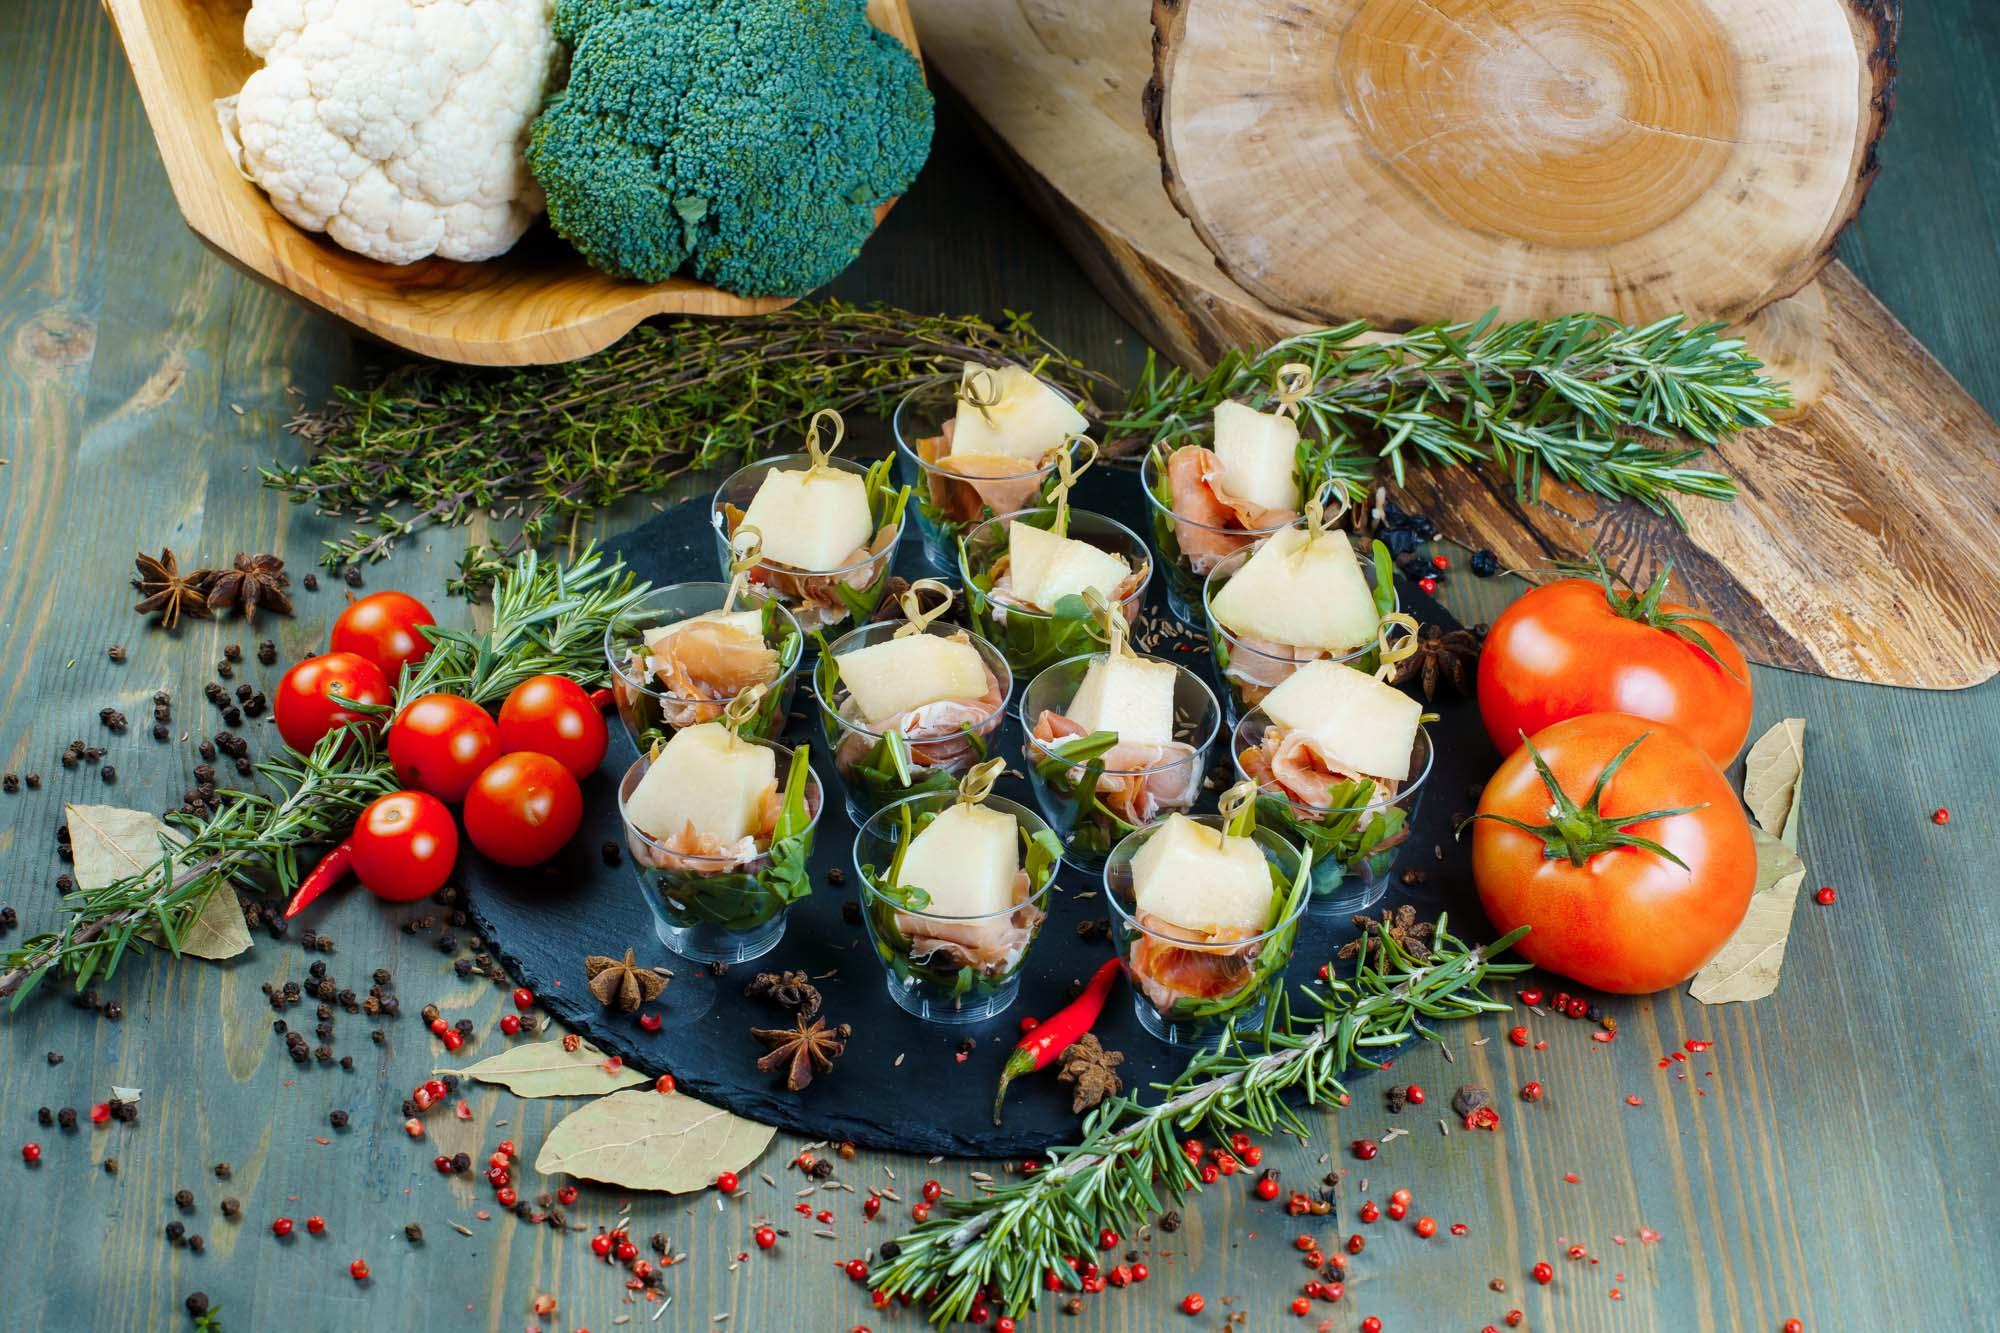 СЕТ №5 Прошутто с дыней (сыровяленый окорок) 12 шт по 30 гр